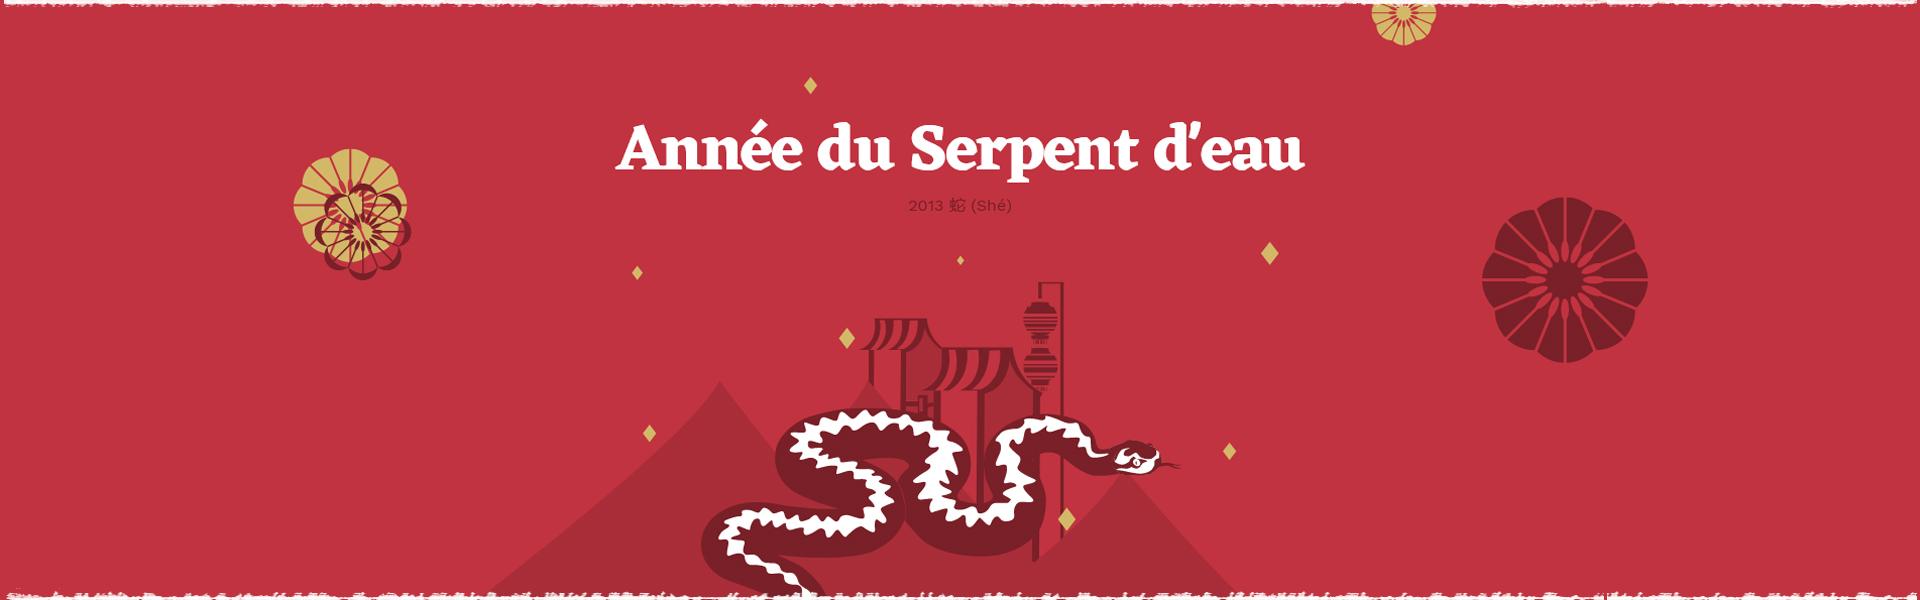 2013 année du Serpent d'eau